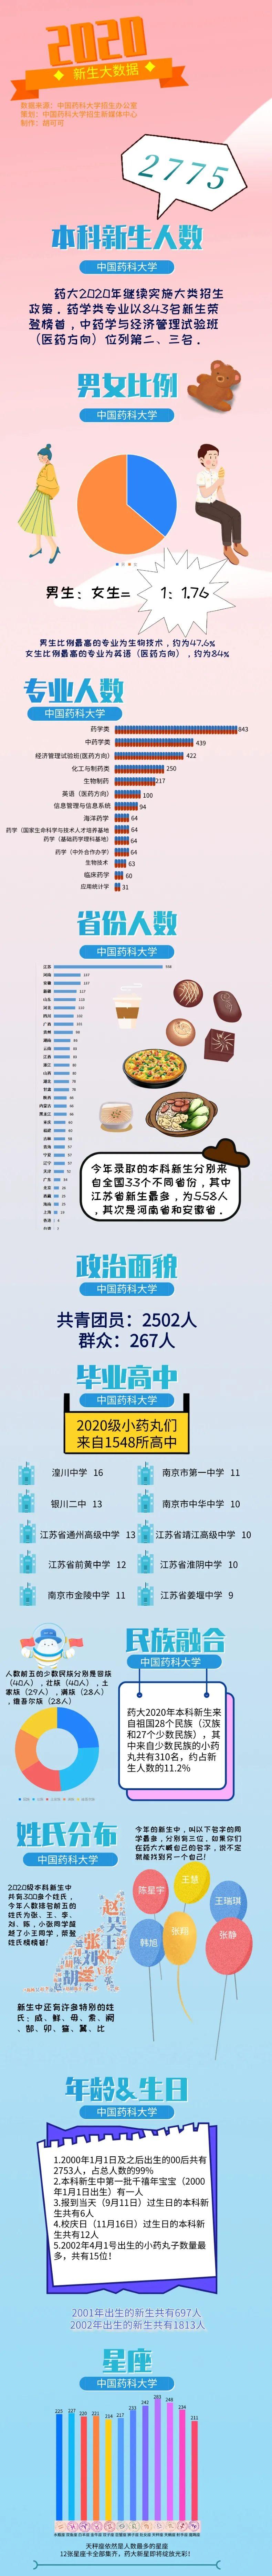 中国药科大学2020级本科新生大数据揭秘,你想了解的都在这里!图片